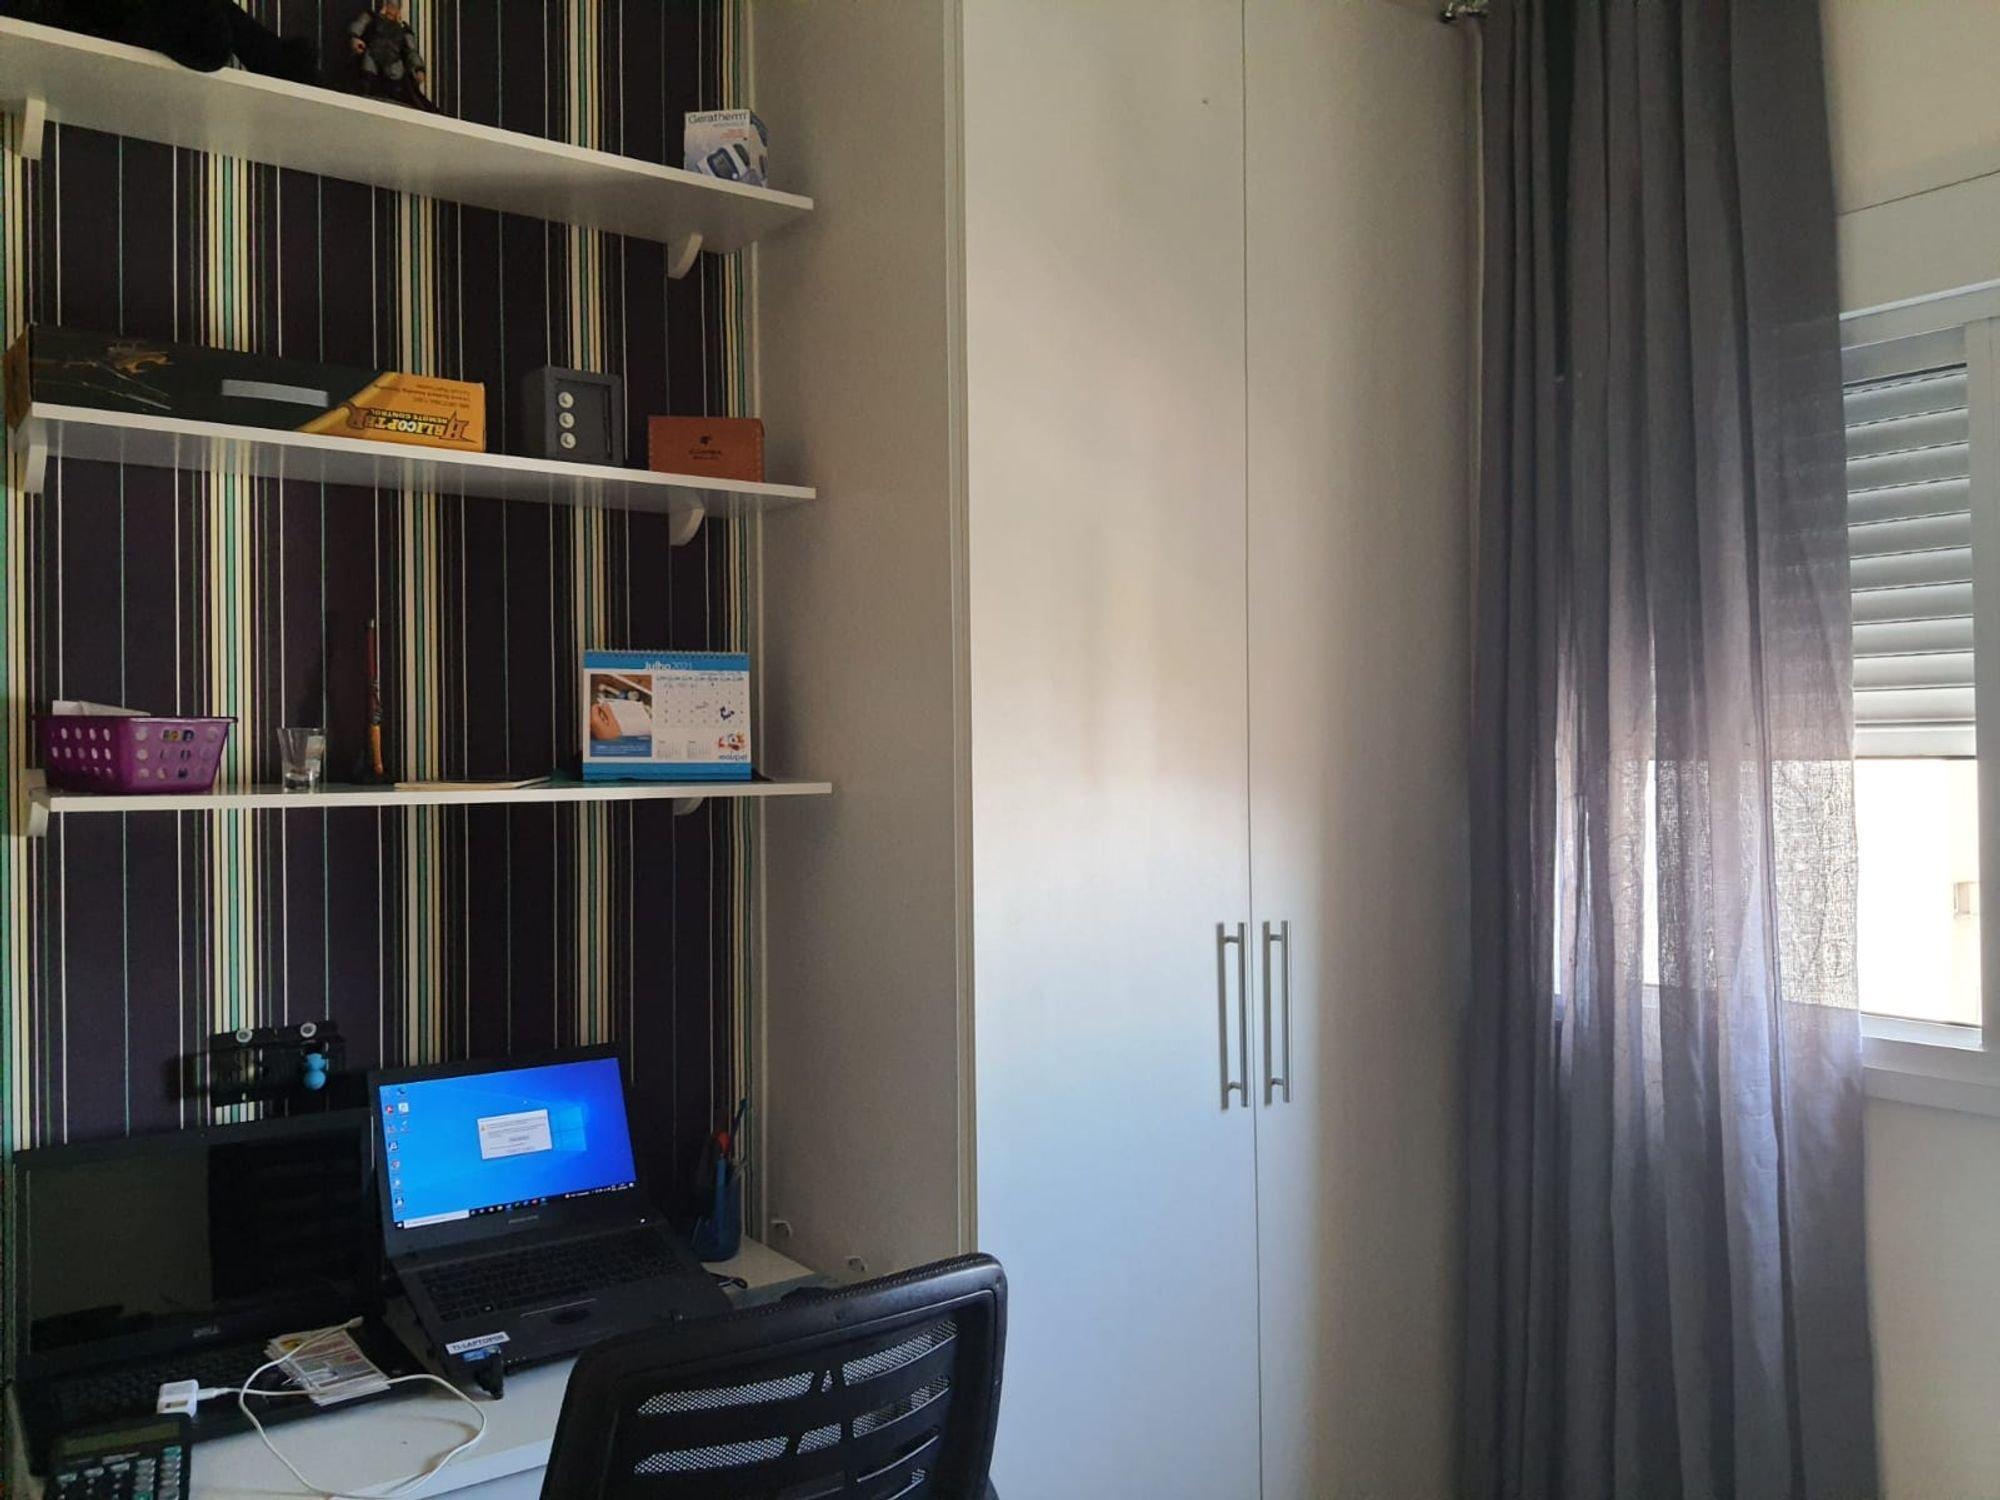 Foto de Quarto com computador portátil, cadeira